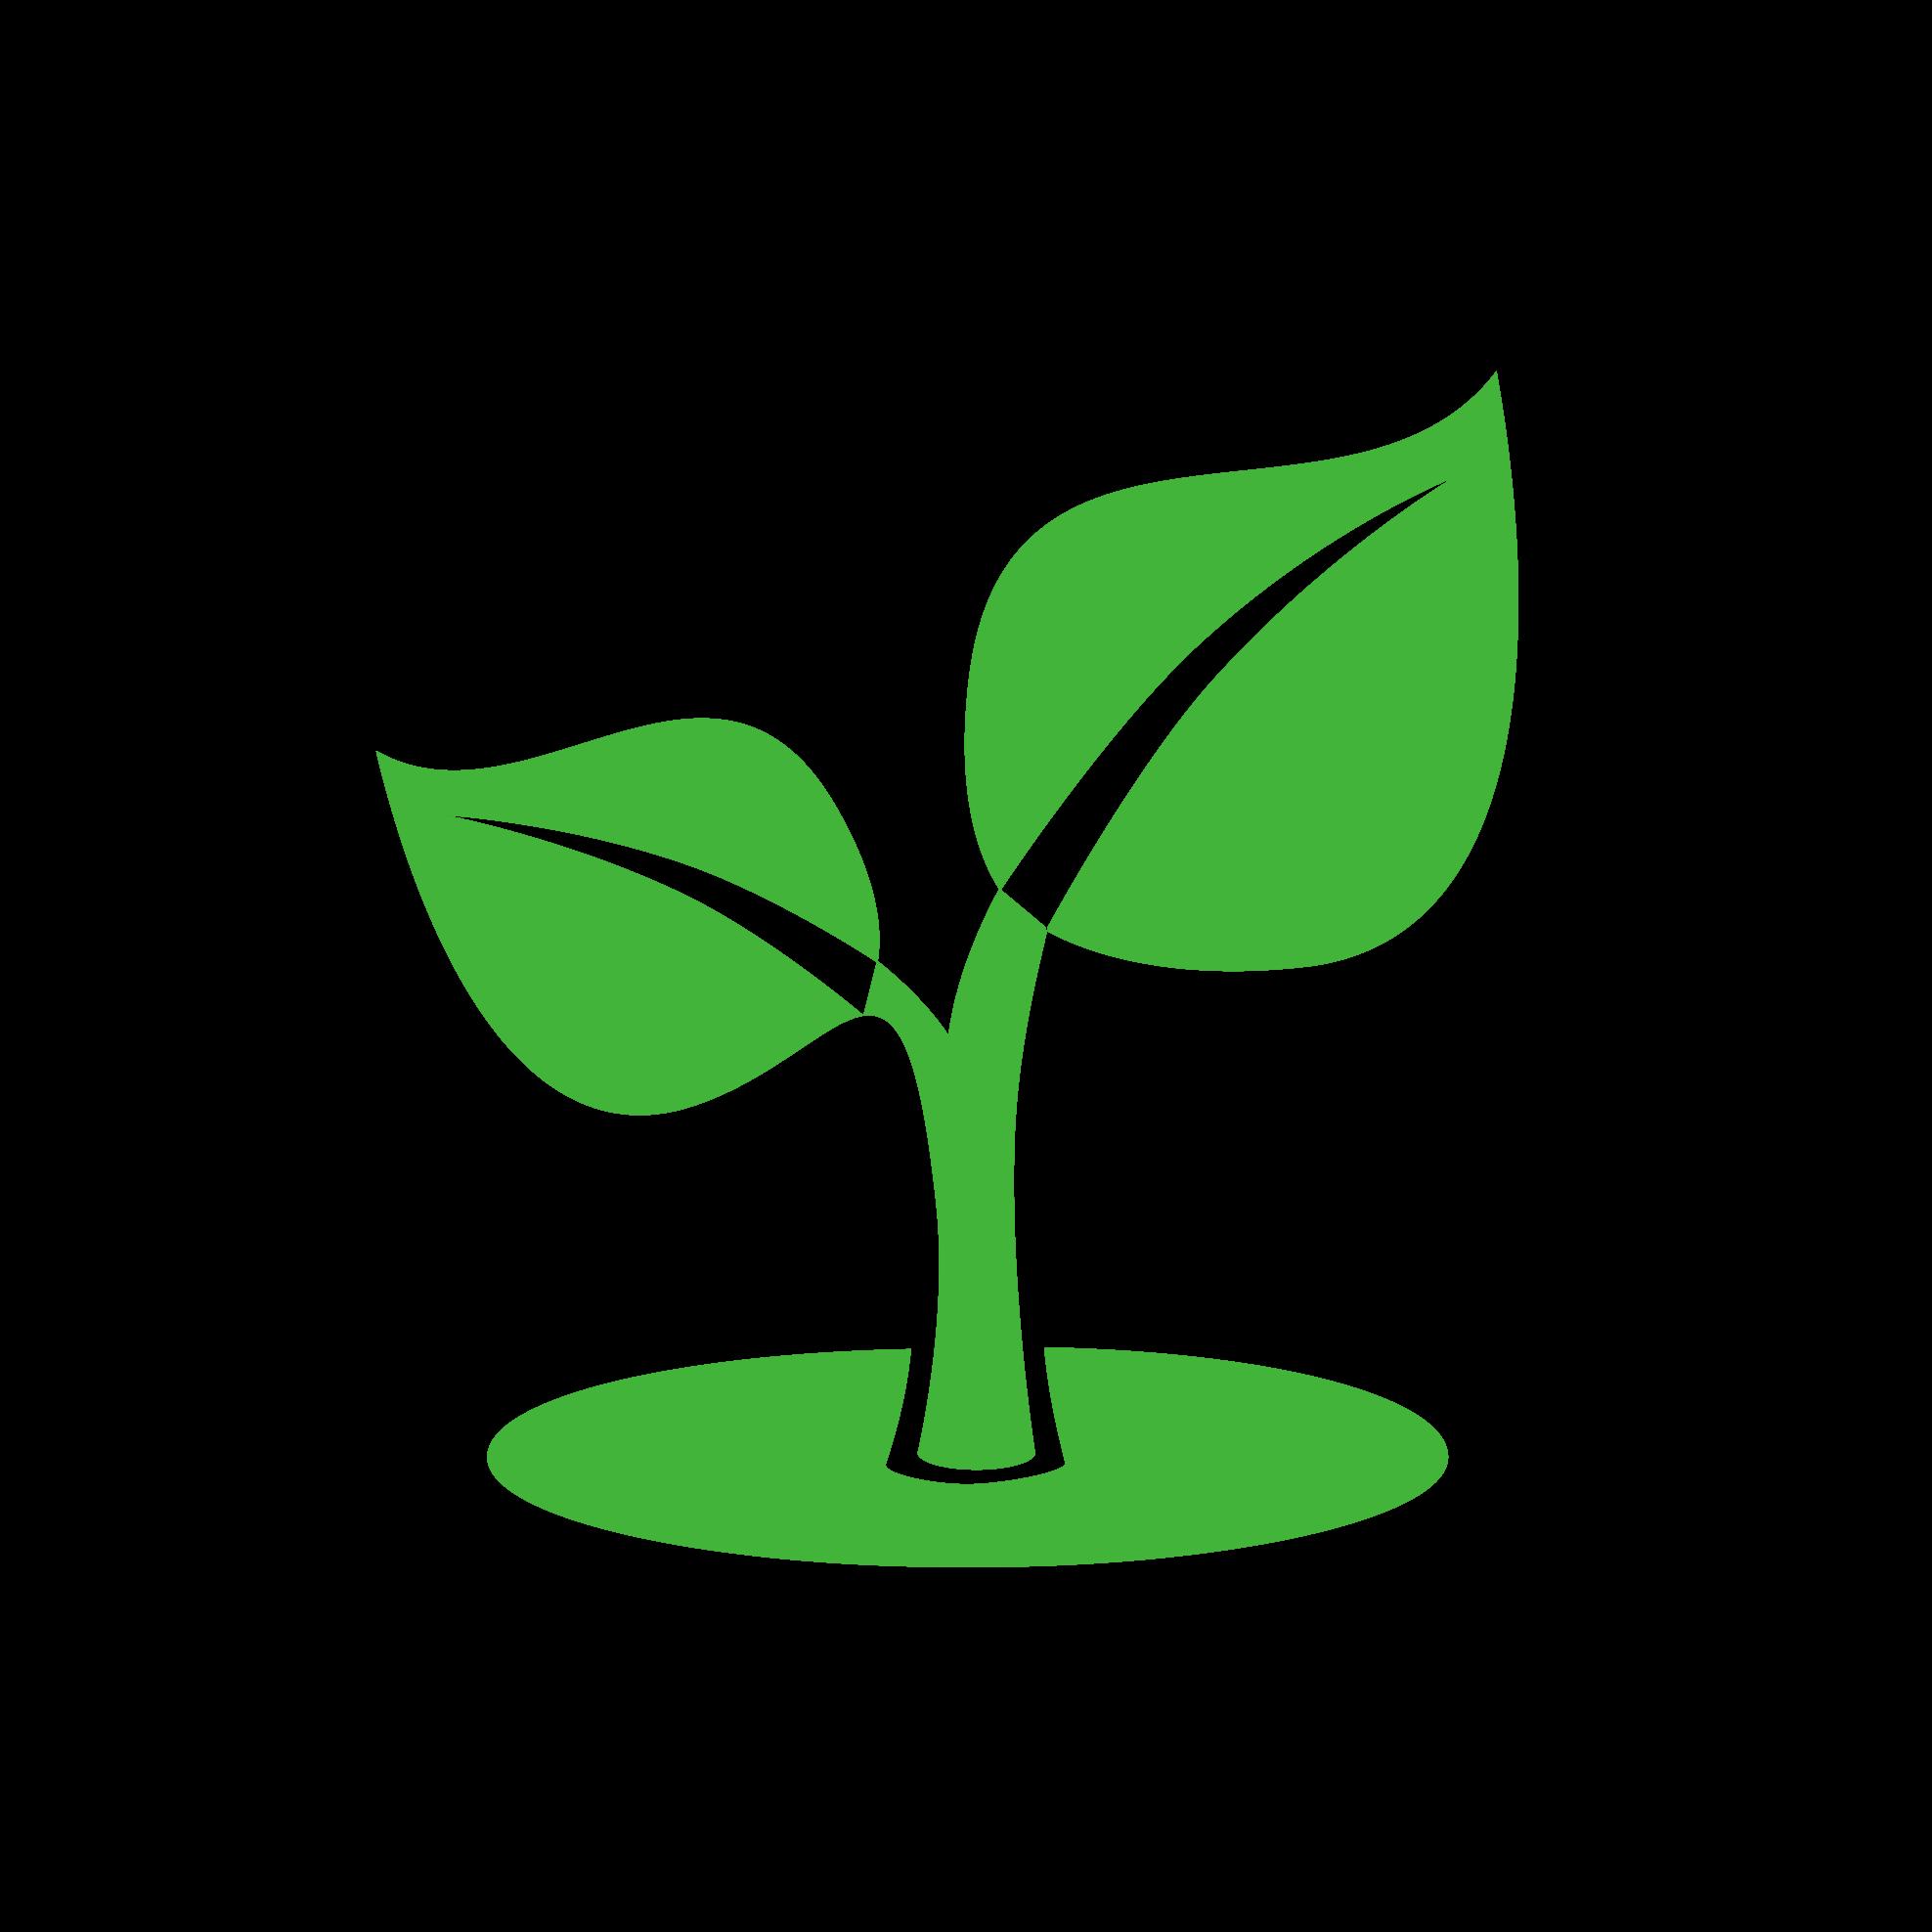 logo(7).png